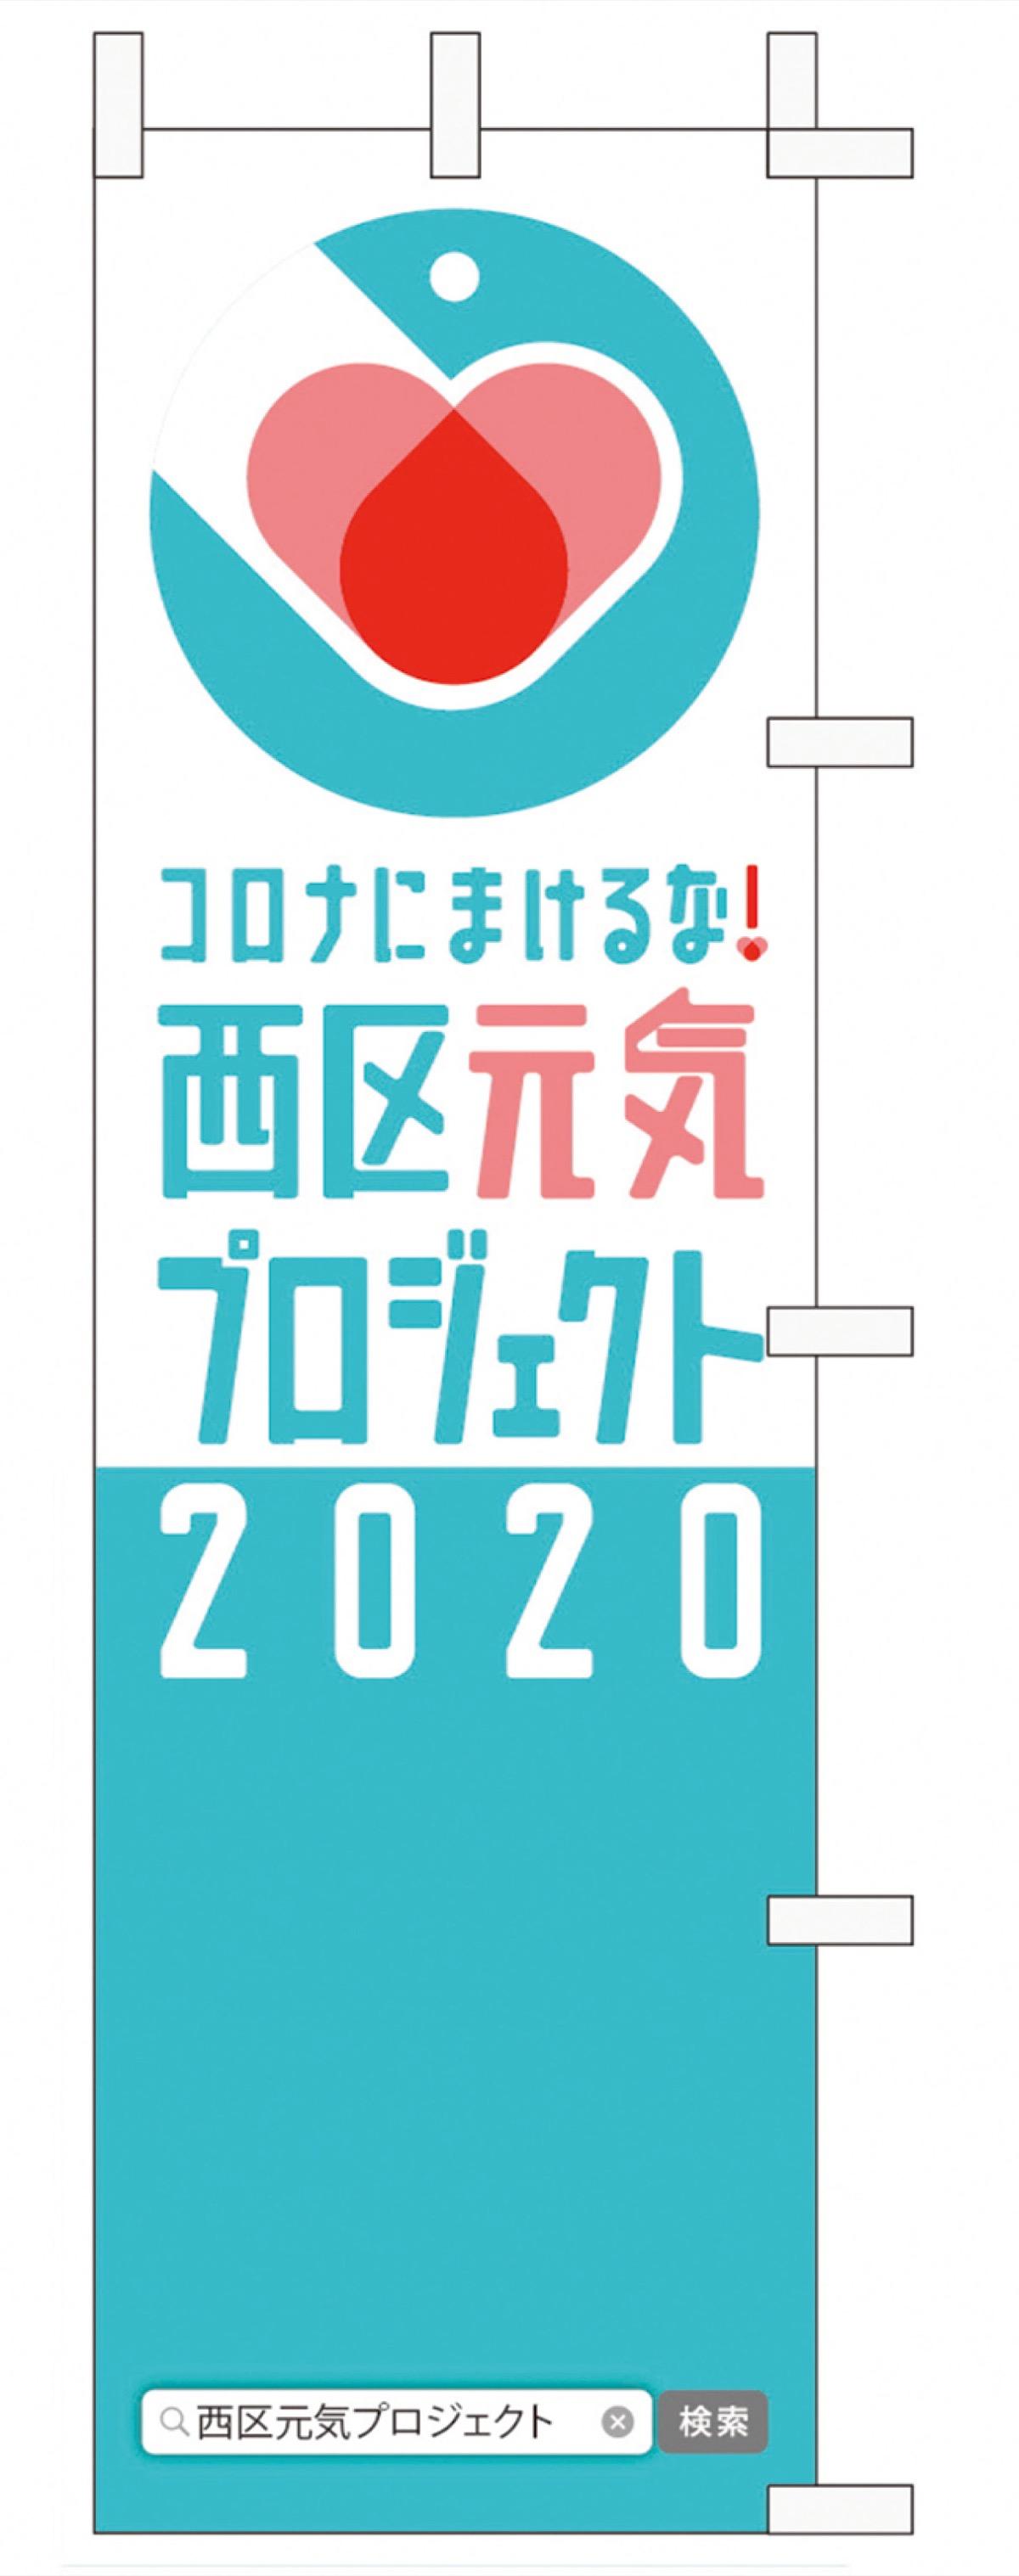 「コロナにまけるな!西区元気プロジェクト2020」為末大さんの講演ほかウォーキングイベントも